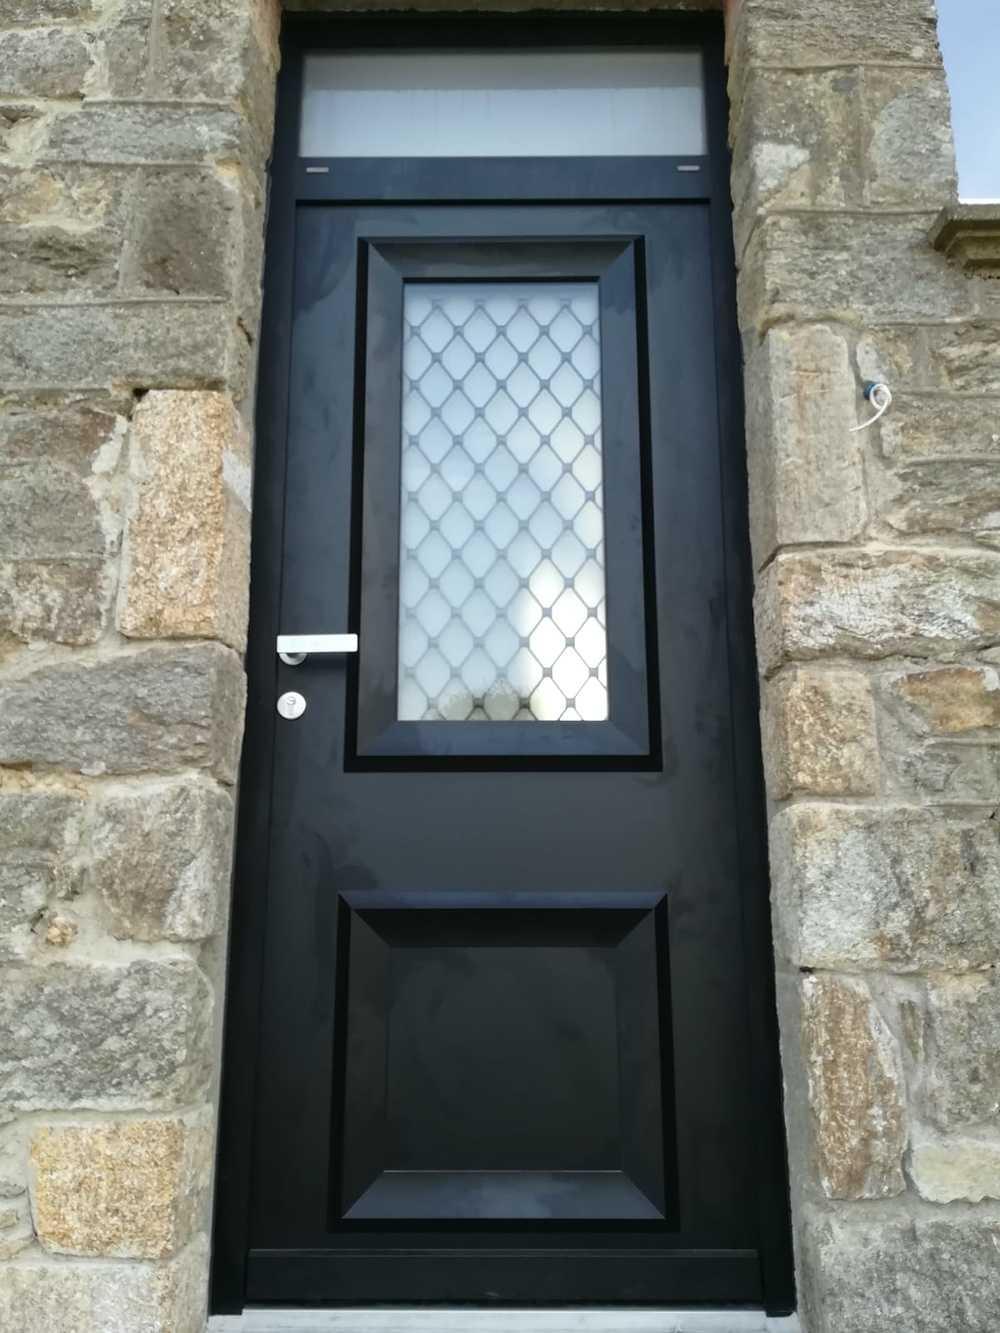 Pose porte d''entrée avec imposte - alu gris anthracite, vitrage sablé et grille de fer forgé à l''ancienne 0